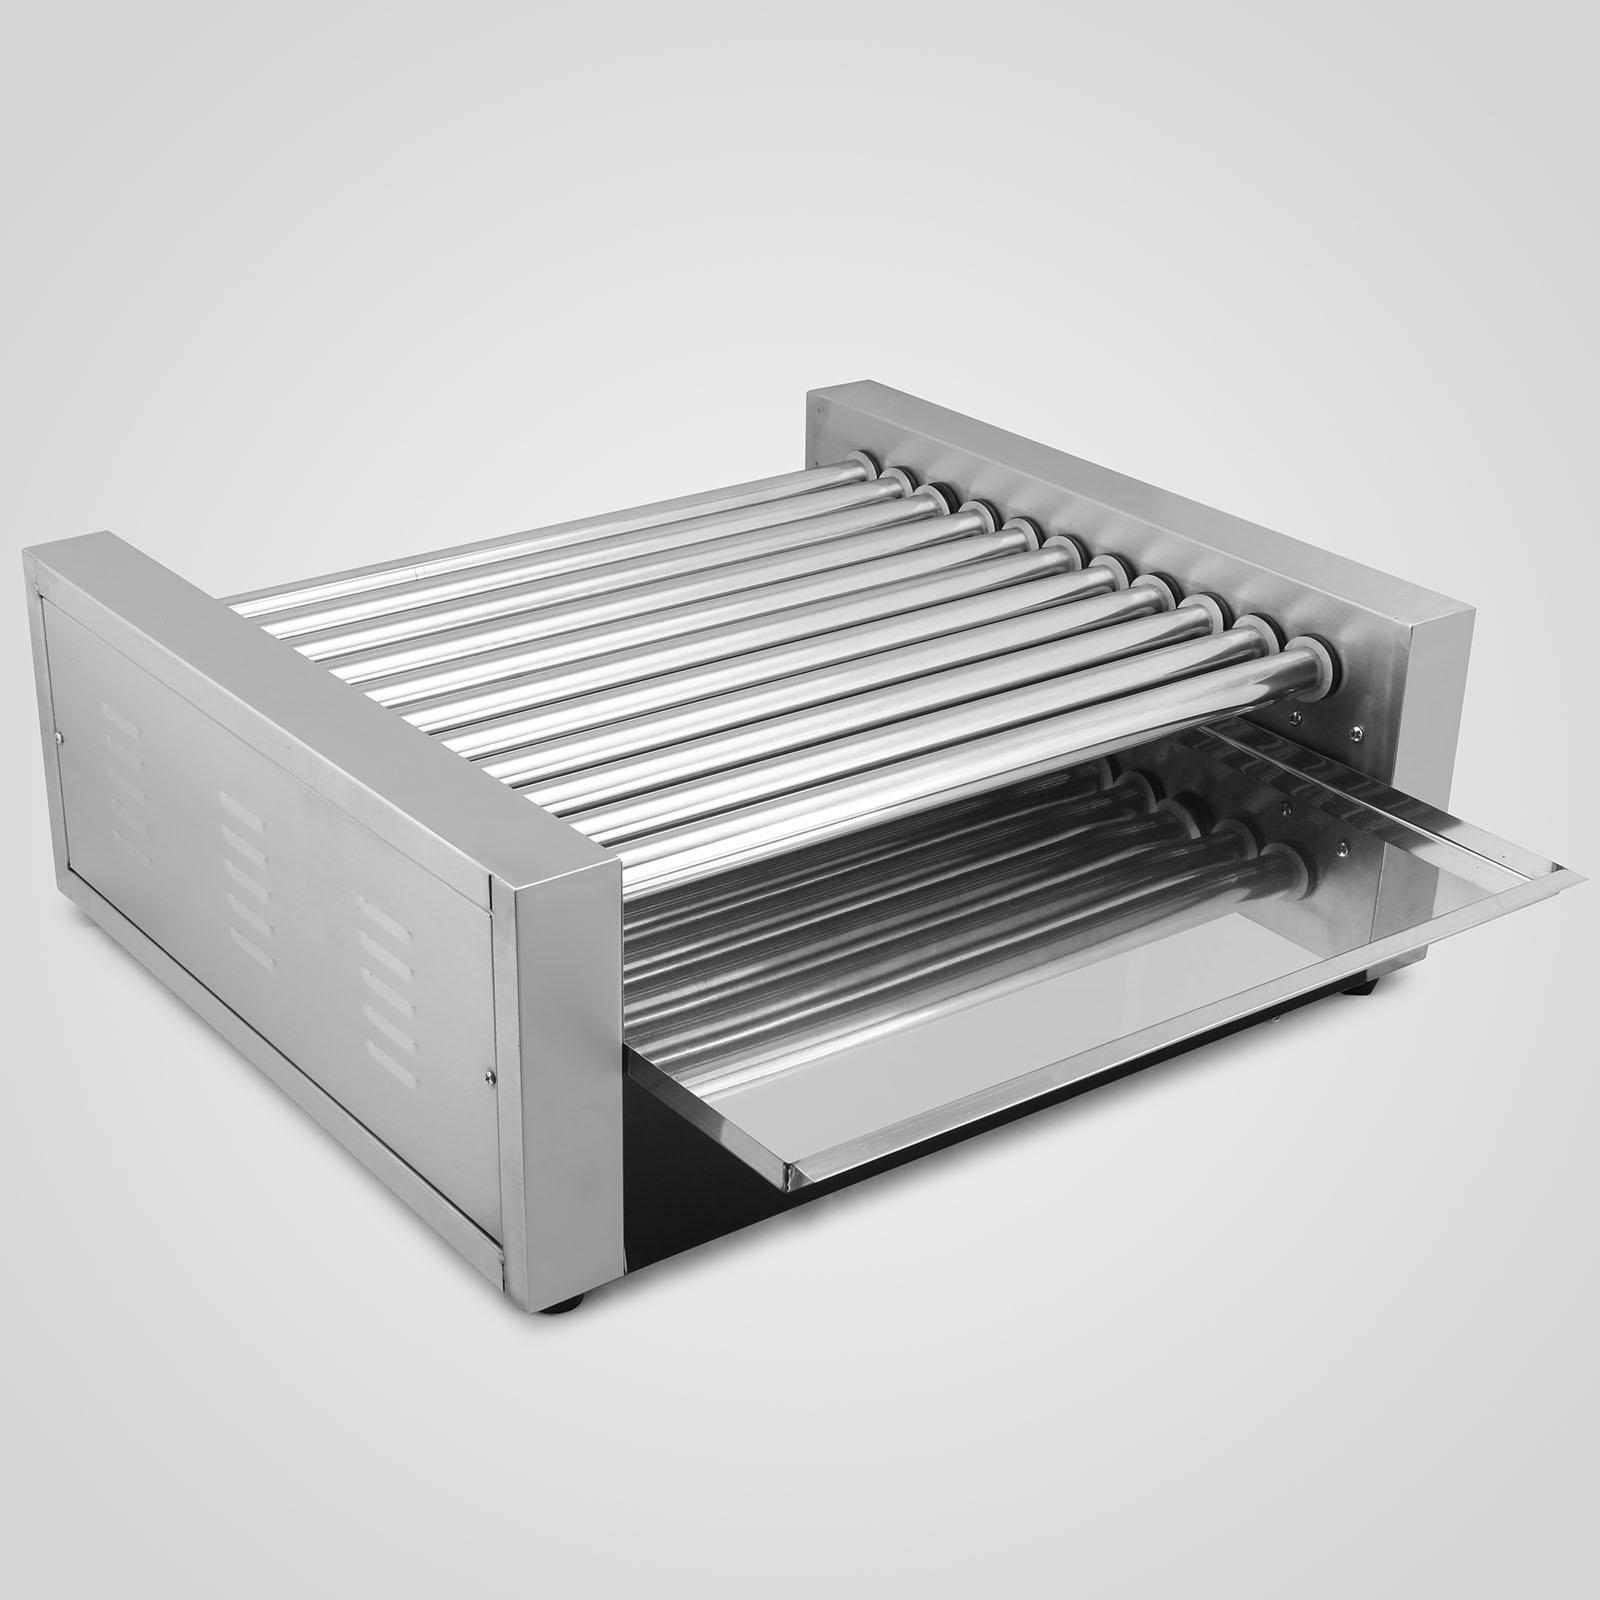 new commercial 30 hot dog hotdog 11 roller grill cooker machine vending ebay. Black Bedroom Furniture Sets. Home Design Ideas